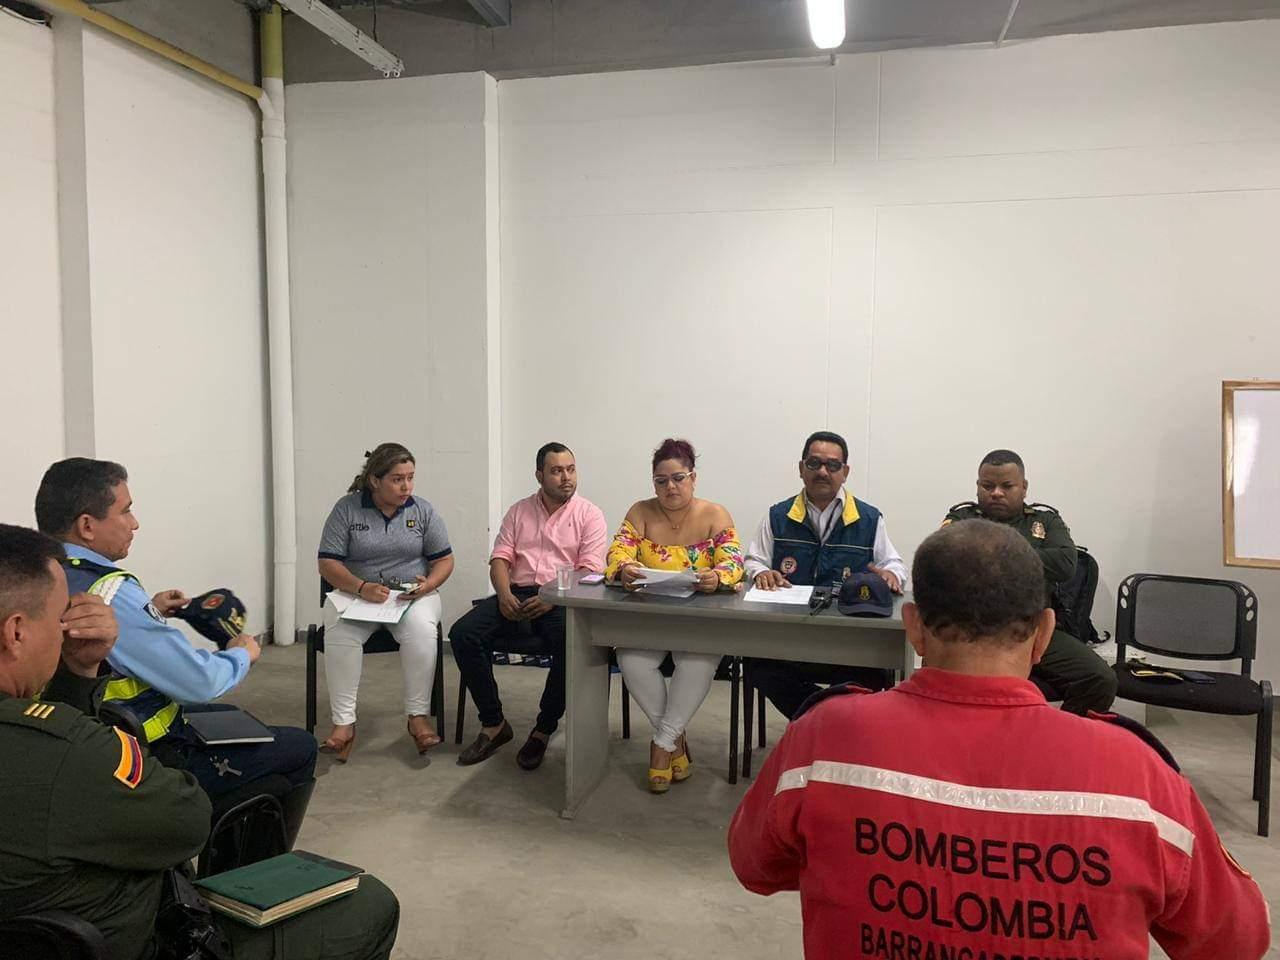 Medidas para Alianza Petrolera Vs. Junior. Comisión para seguridad invita a una fiesta en paz | Municipios | Santander | EL FRENTE